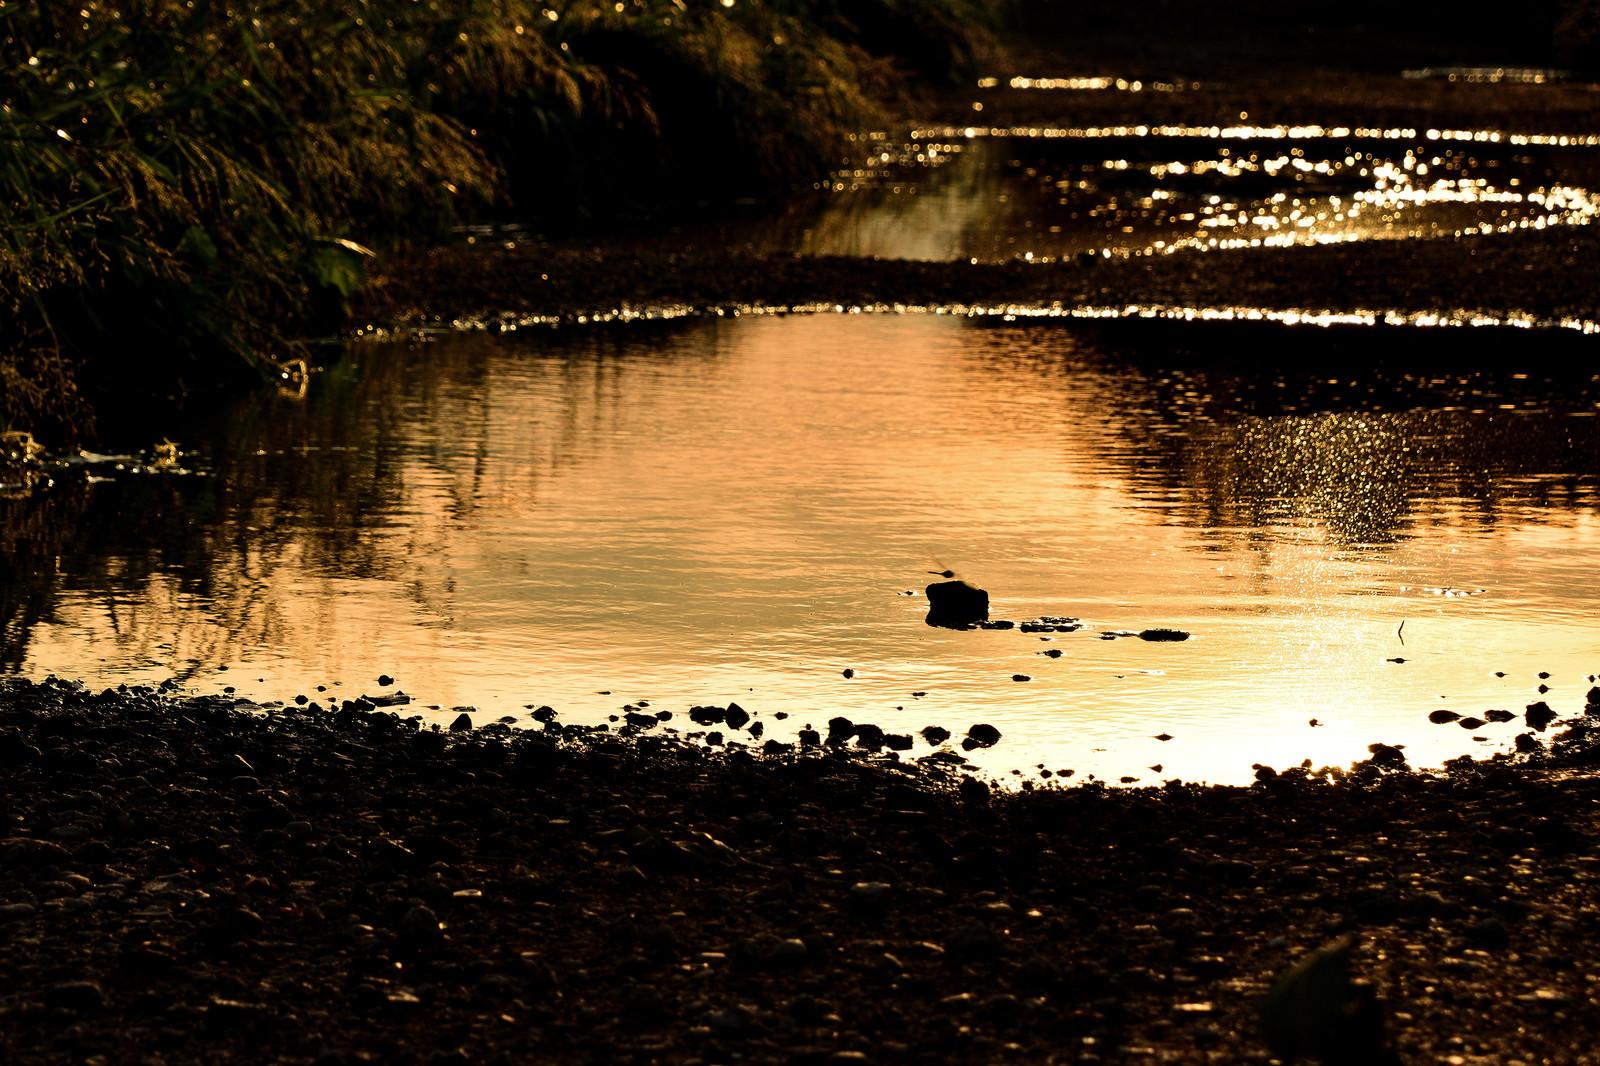 「夕暮れ染まる大きな水溜まり」の写真